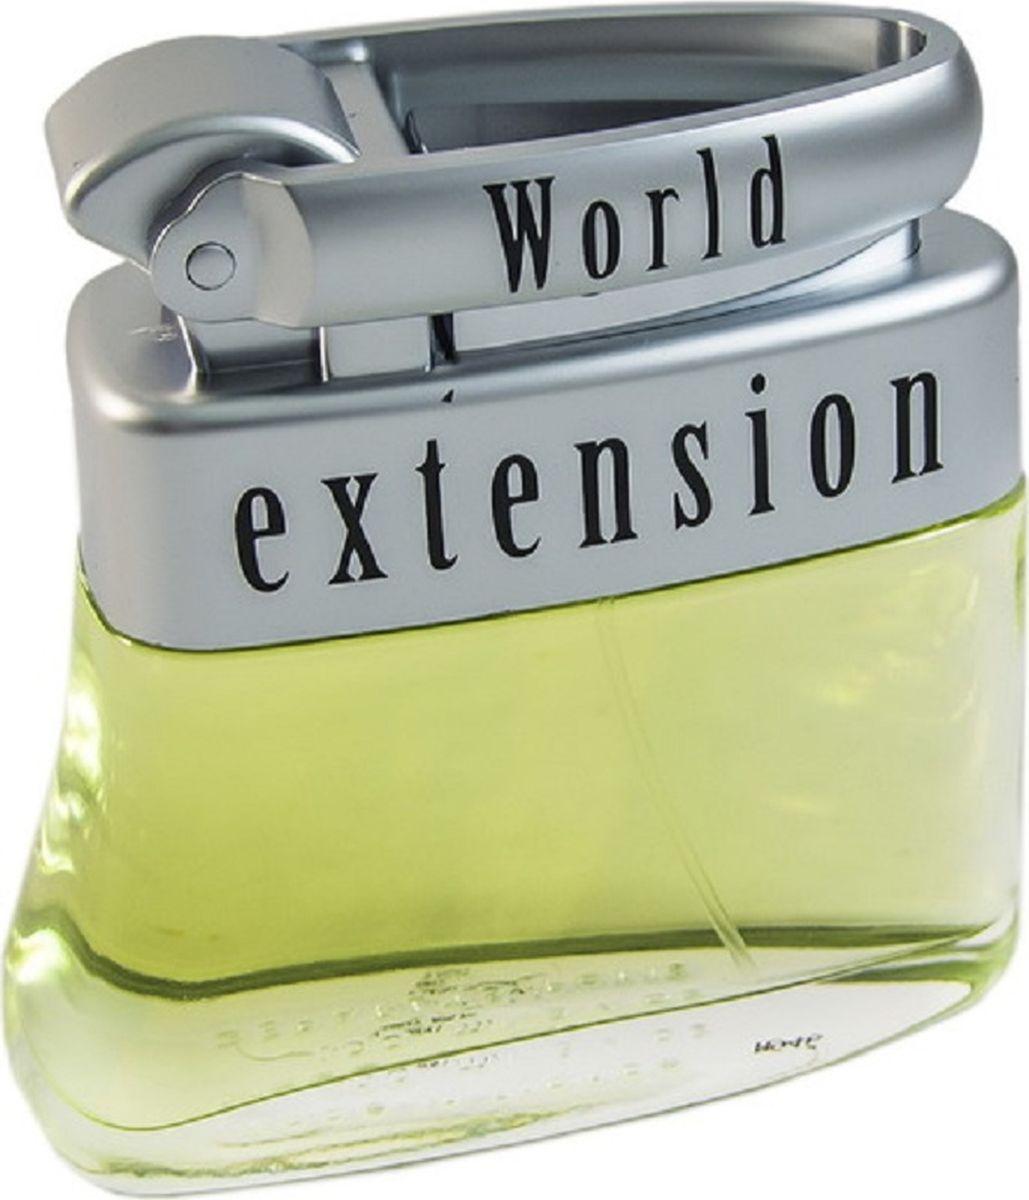 Geparlys Туалетная вода World Extension men, 100 мл28420_красныйИзвестный аромат Geparlys WORLD EXTENSION men придется по вкусу всем ценителям классики. Древесно-цитрусовый, пряный, умеренный. Основная парфюмерная композиция: имбирь, чайное дерево, гранат, амбра, цедра.